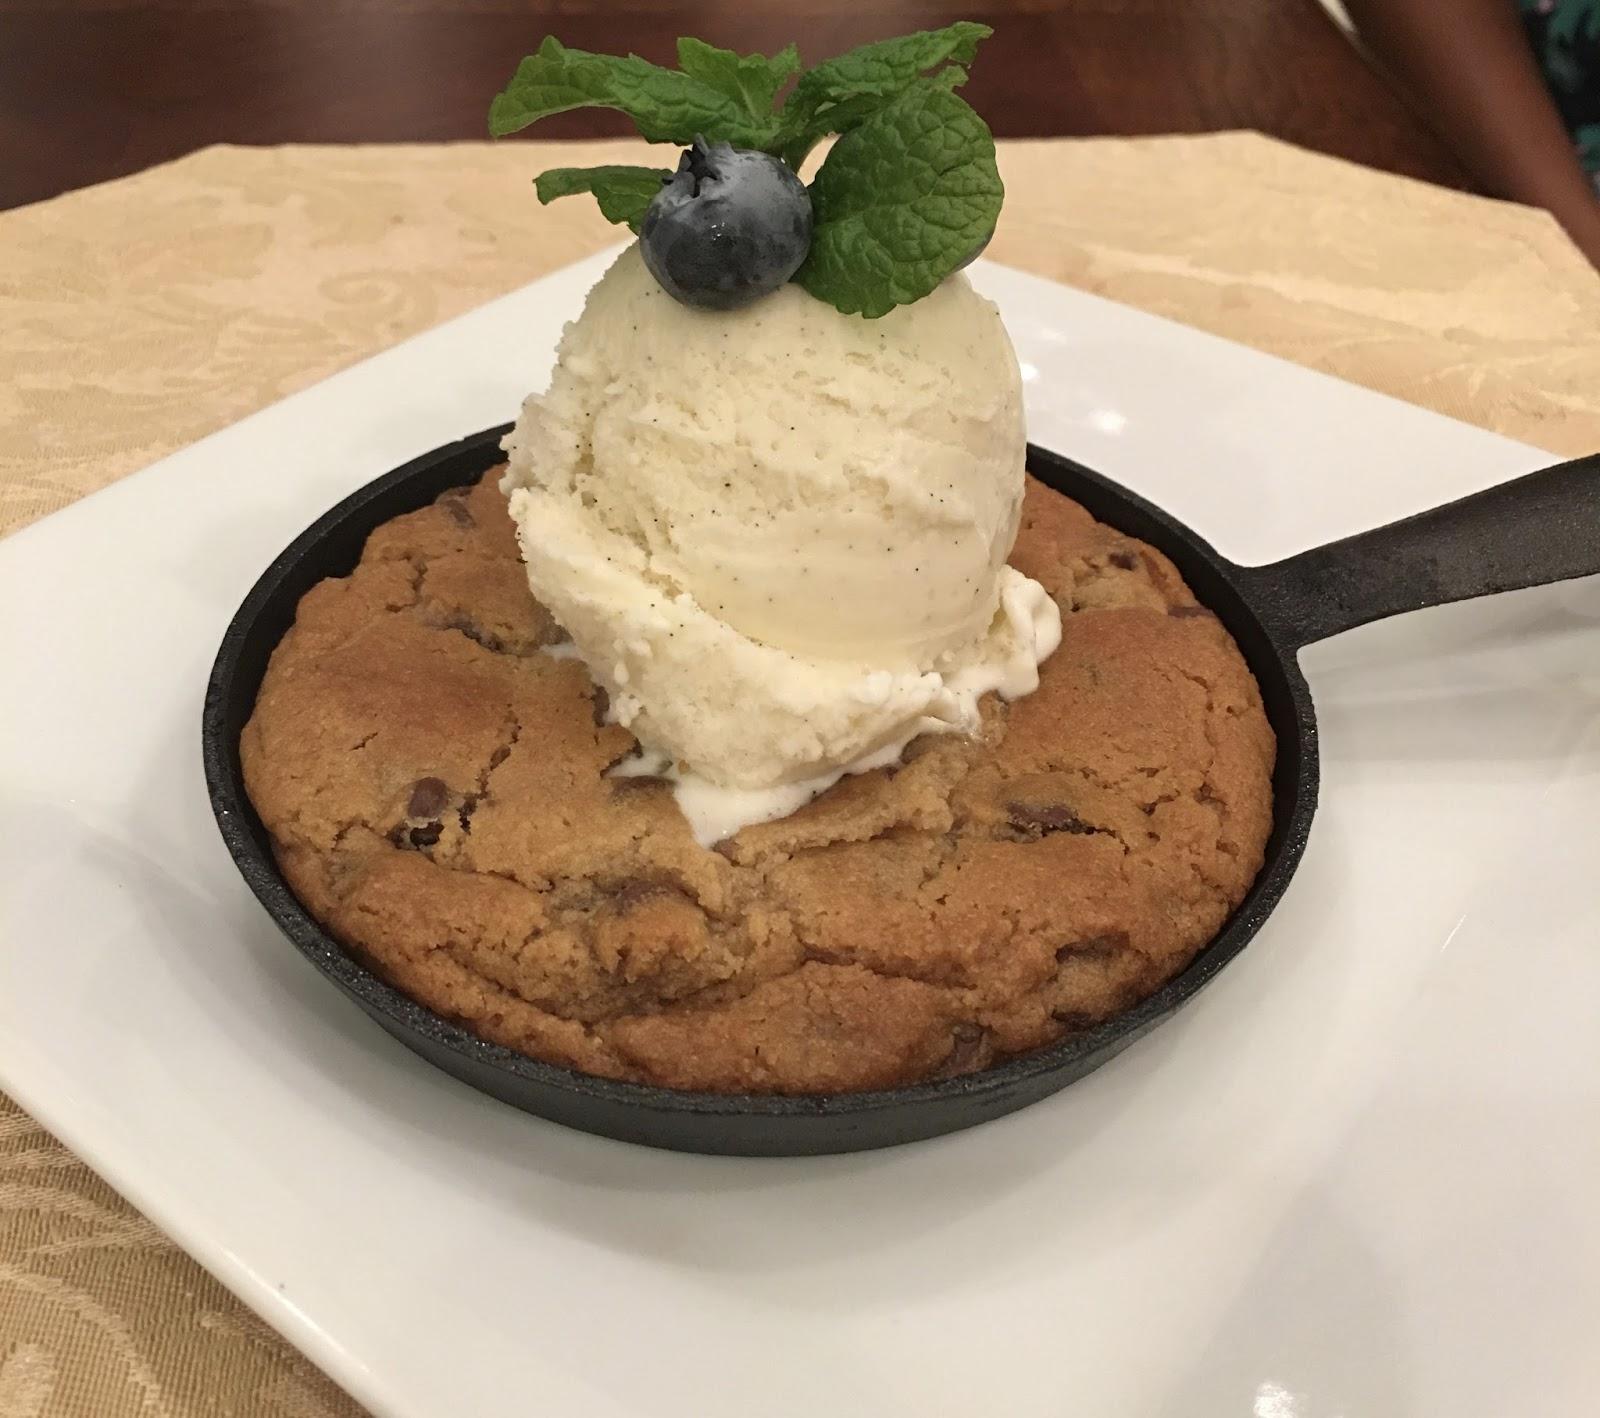 TASTE OF HAWAII: YAKINIKU DINNER AT HOME